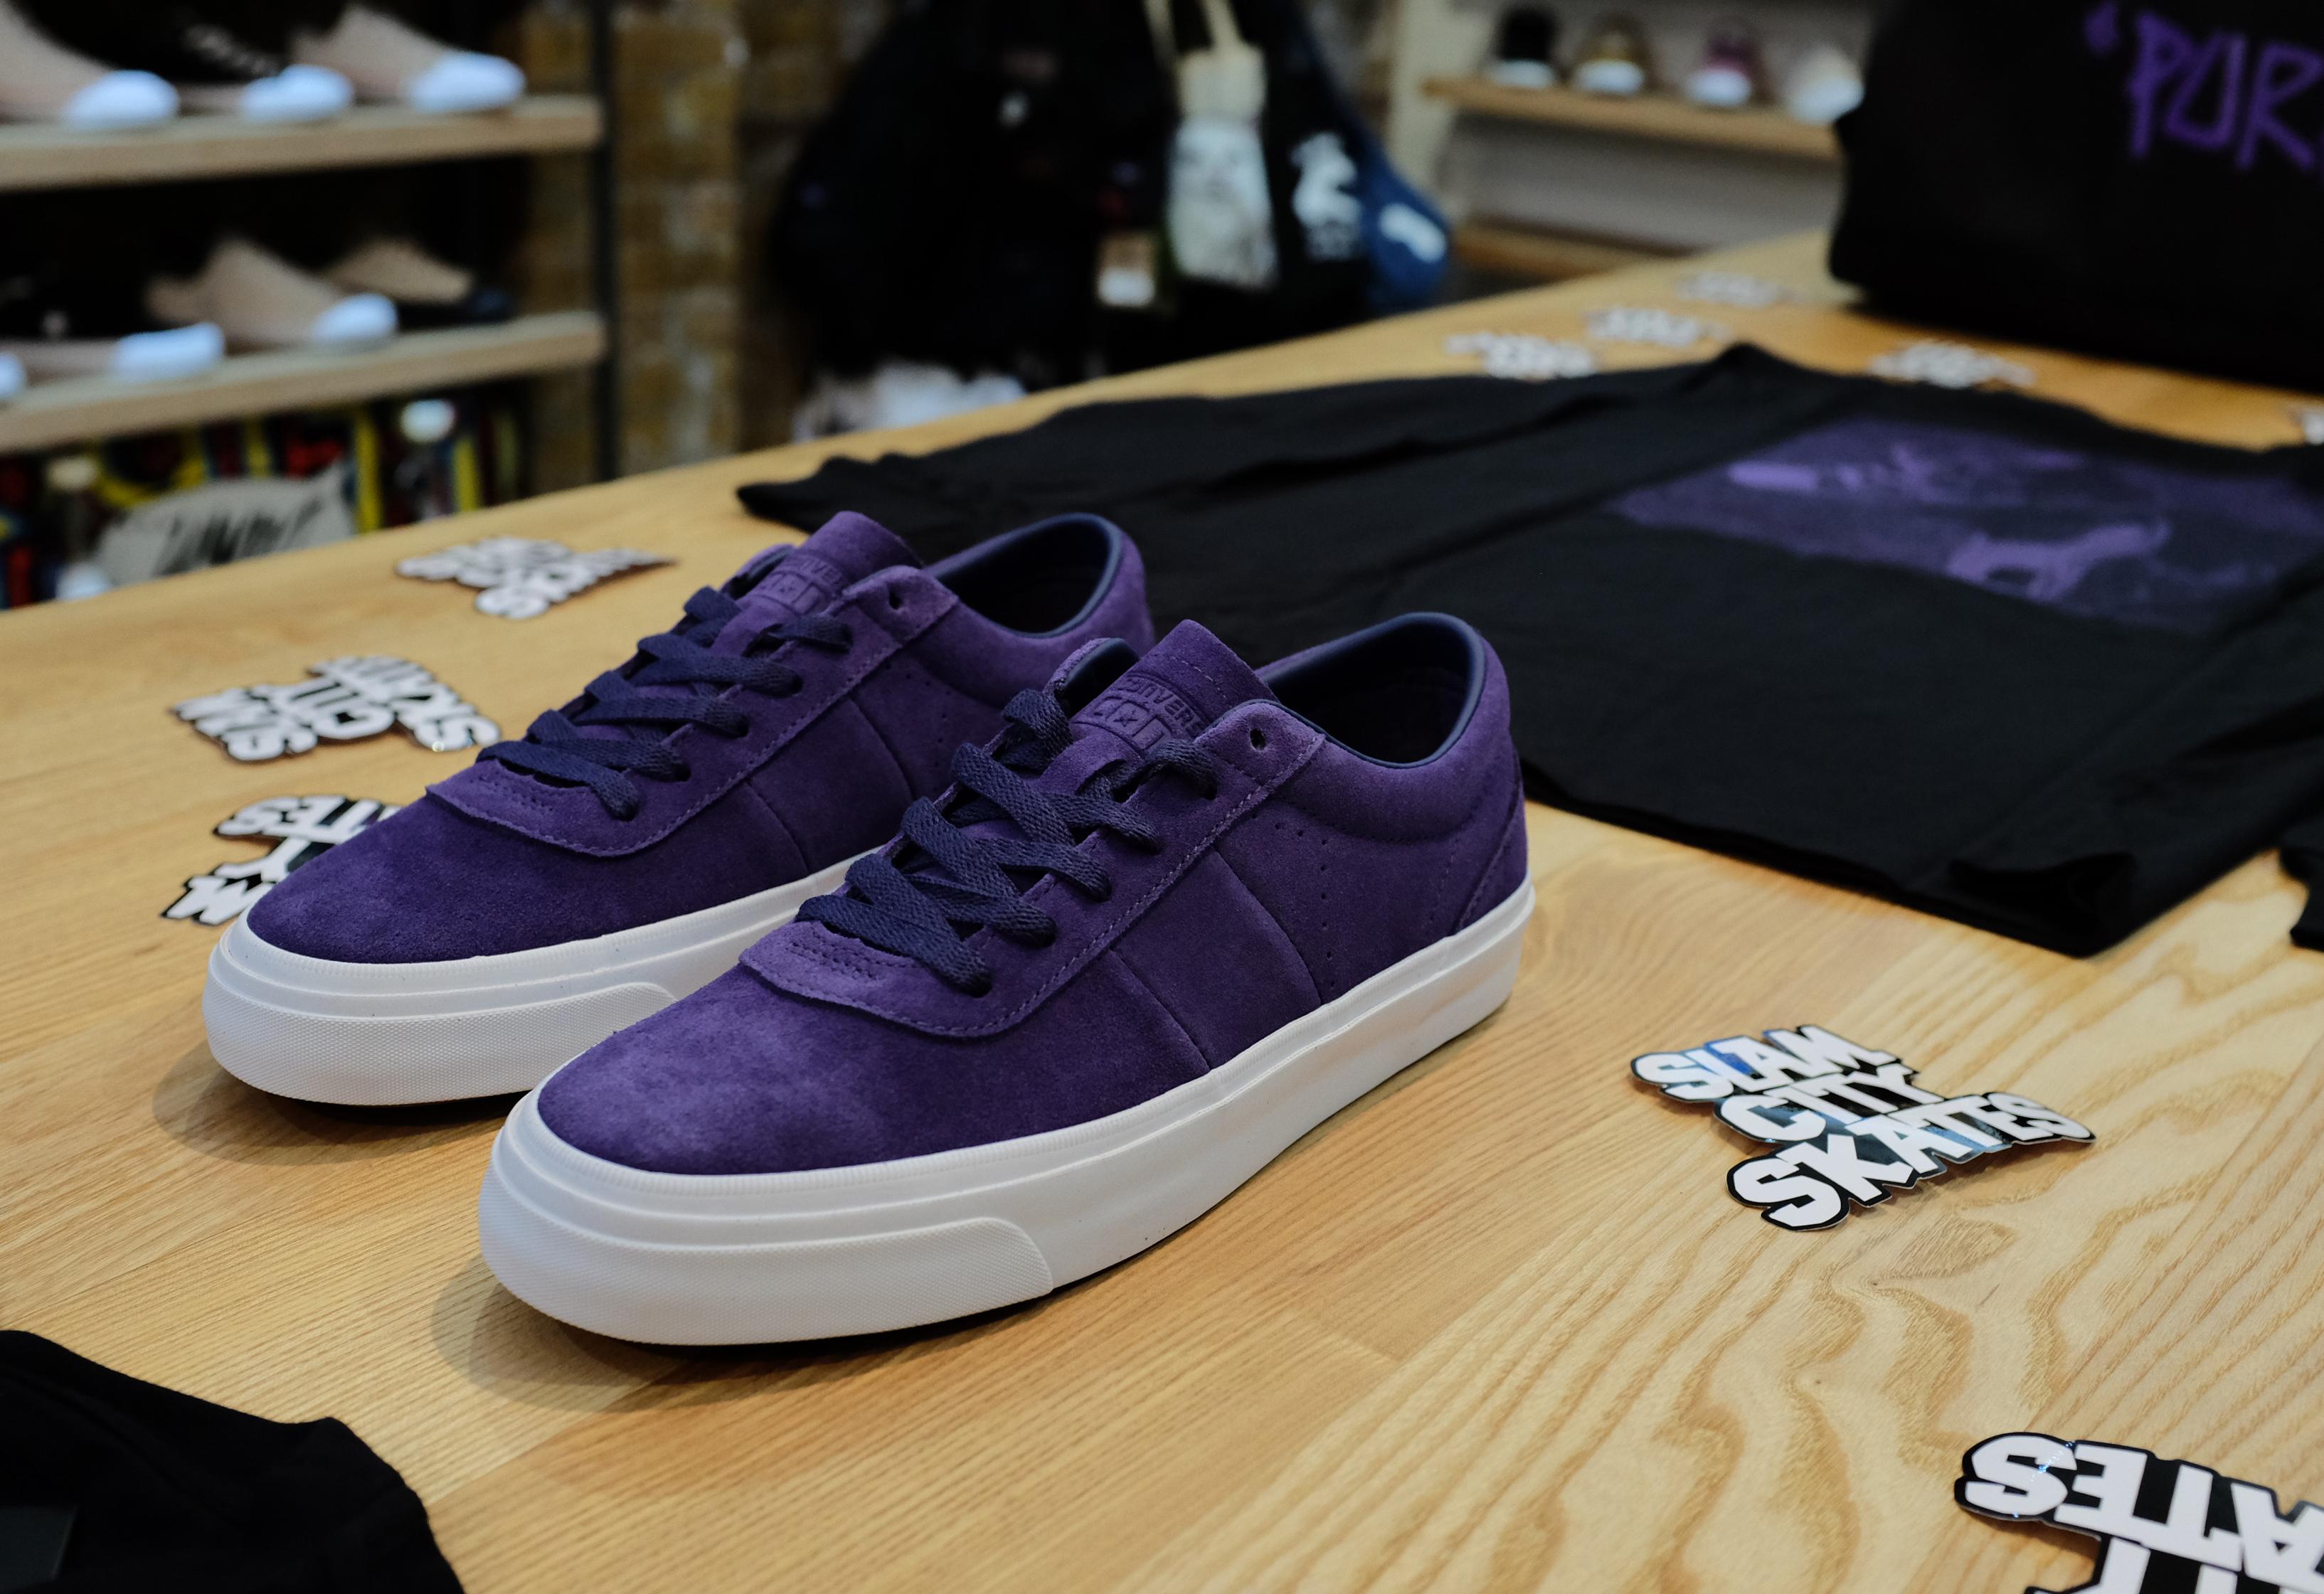 Converse Cons 'Purple' London Premiere Recap - F.G.